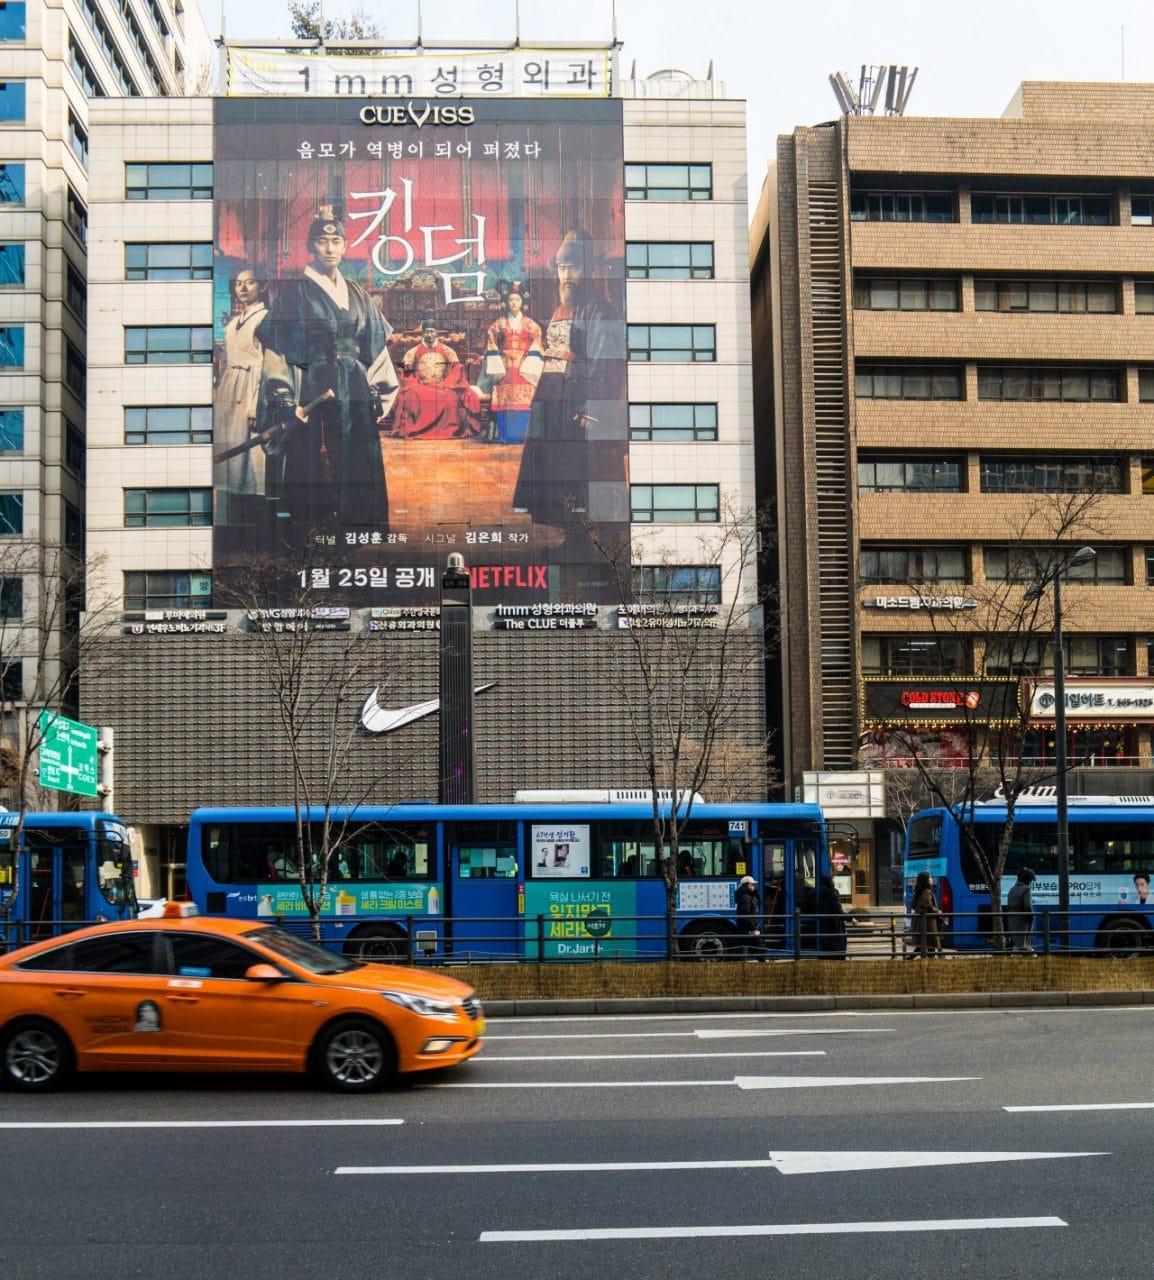 강남역 도로 옆 건물에 걸린 넷플릭스 신작 킹덤 광고, Photo by Choi dongsoon